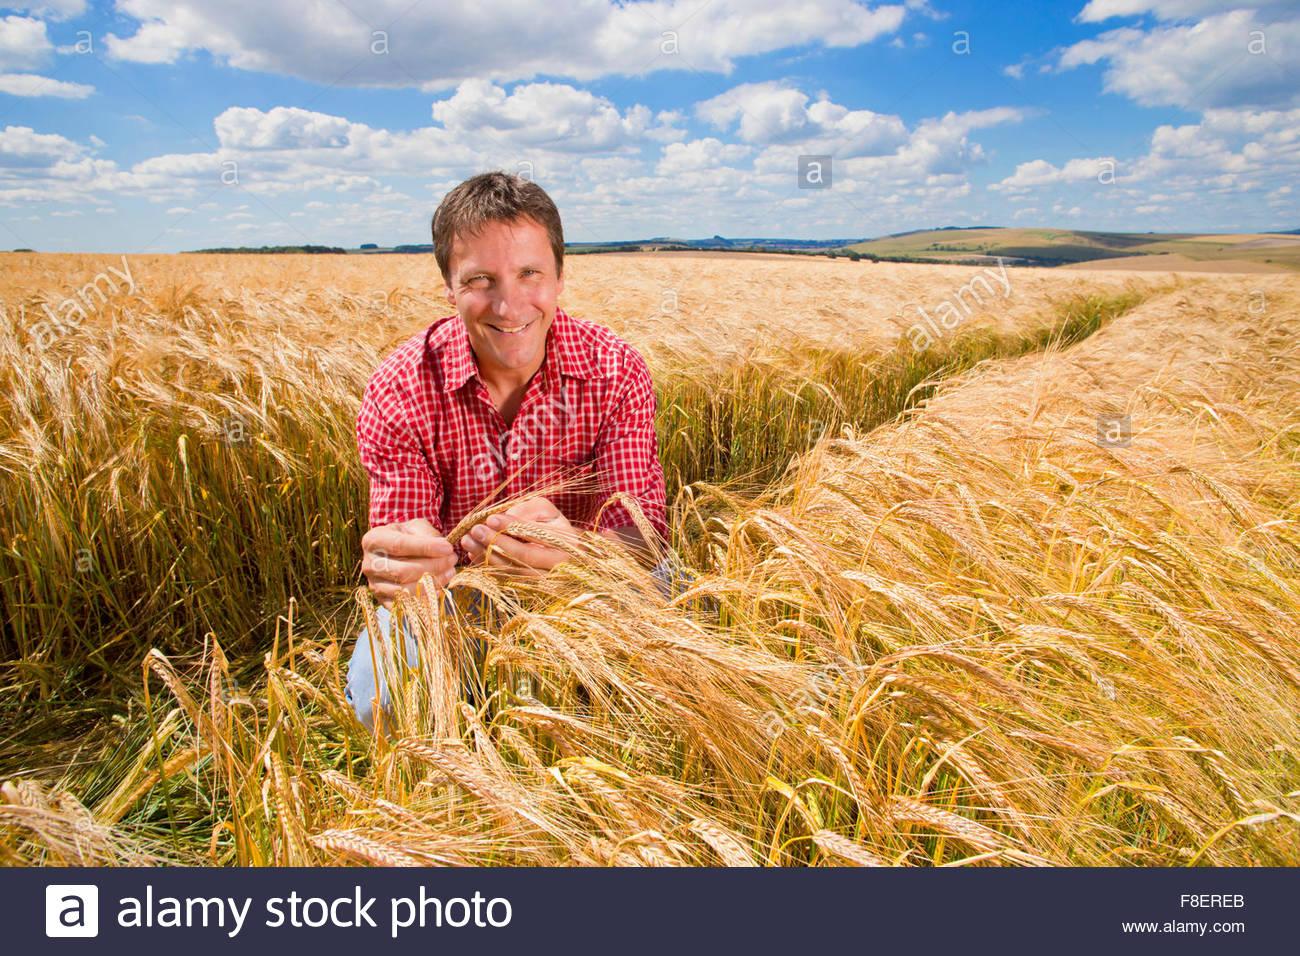 Retrato seguro examinando agricultor rural soleado campo de cultivo de cebada en verano Imagen De Stock